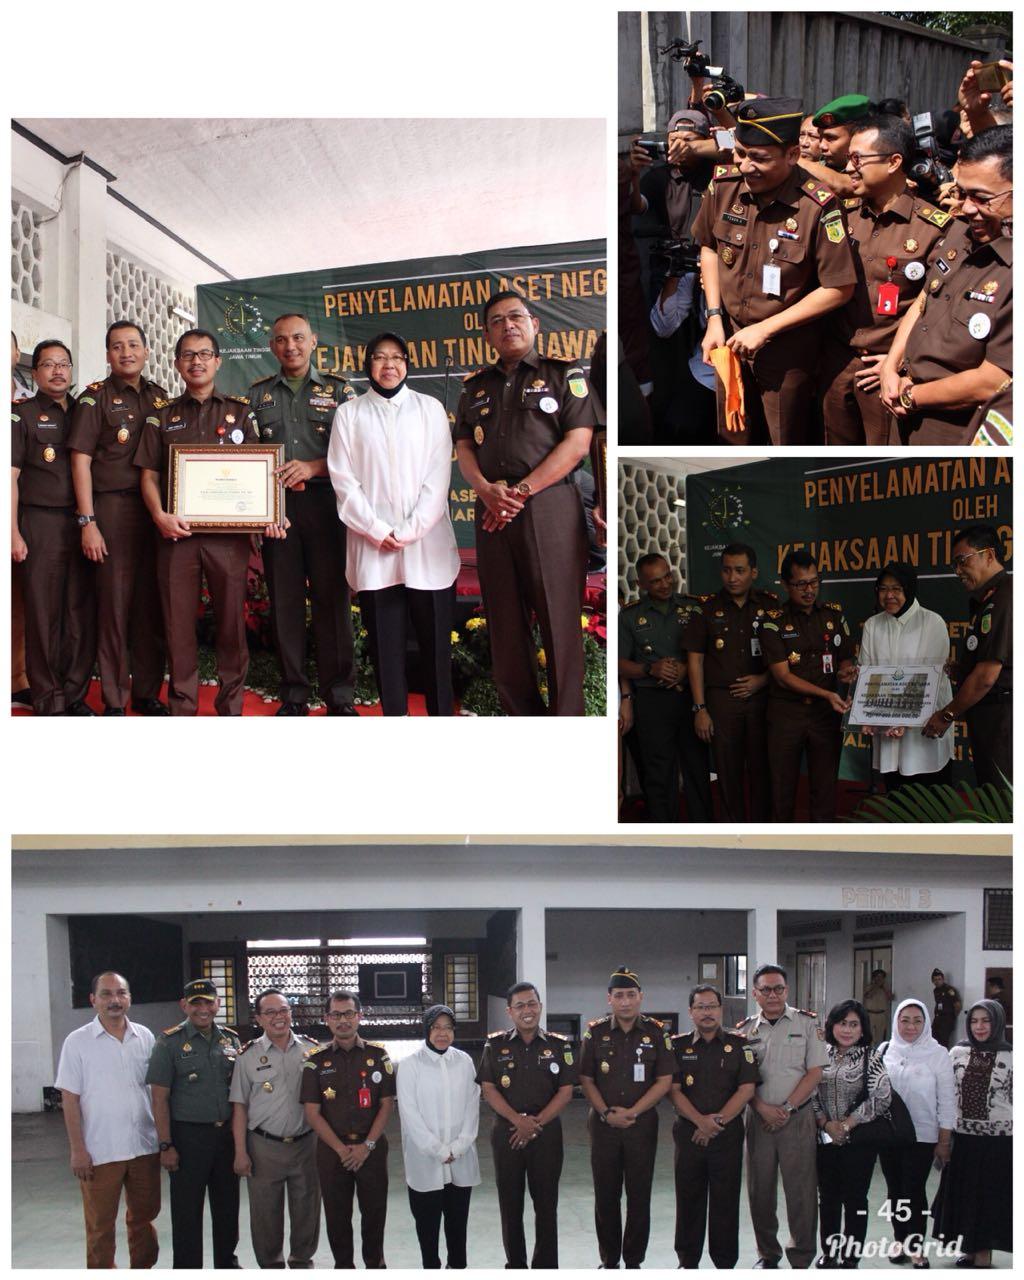 Penyelamatan Aset Kota Surabaya Oleh Kejaksaan